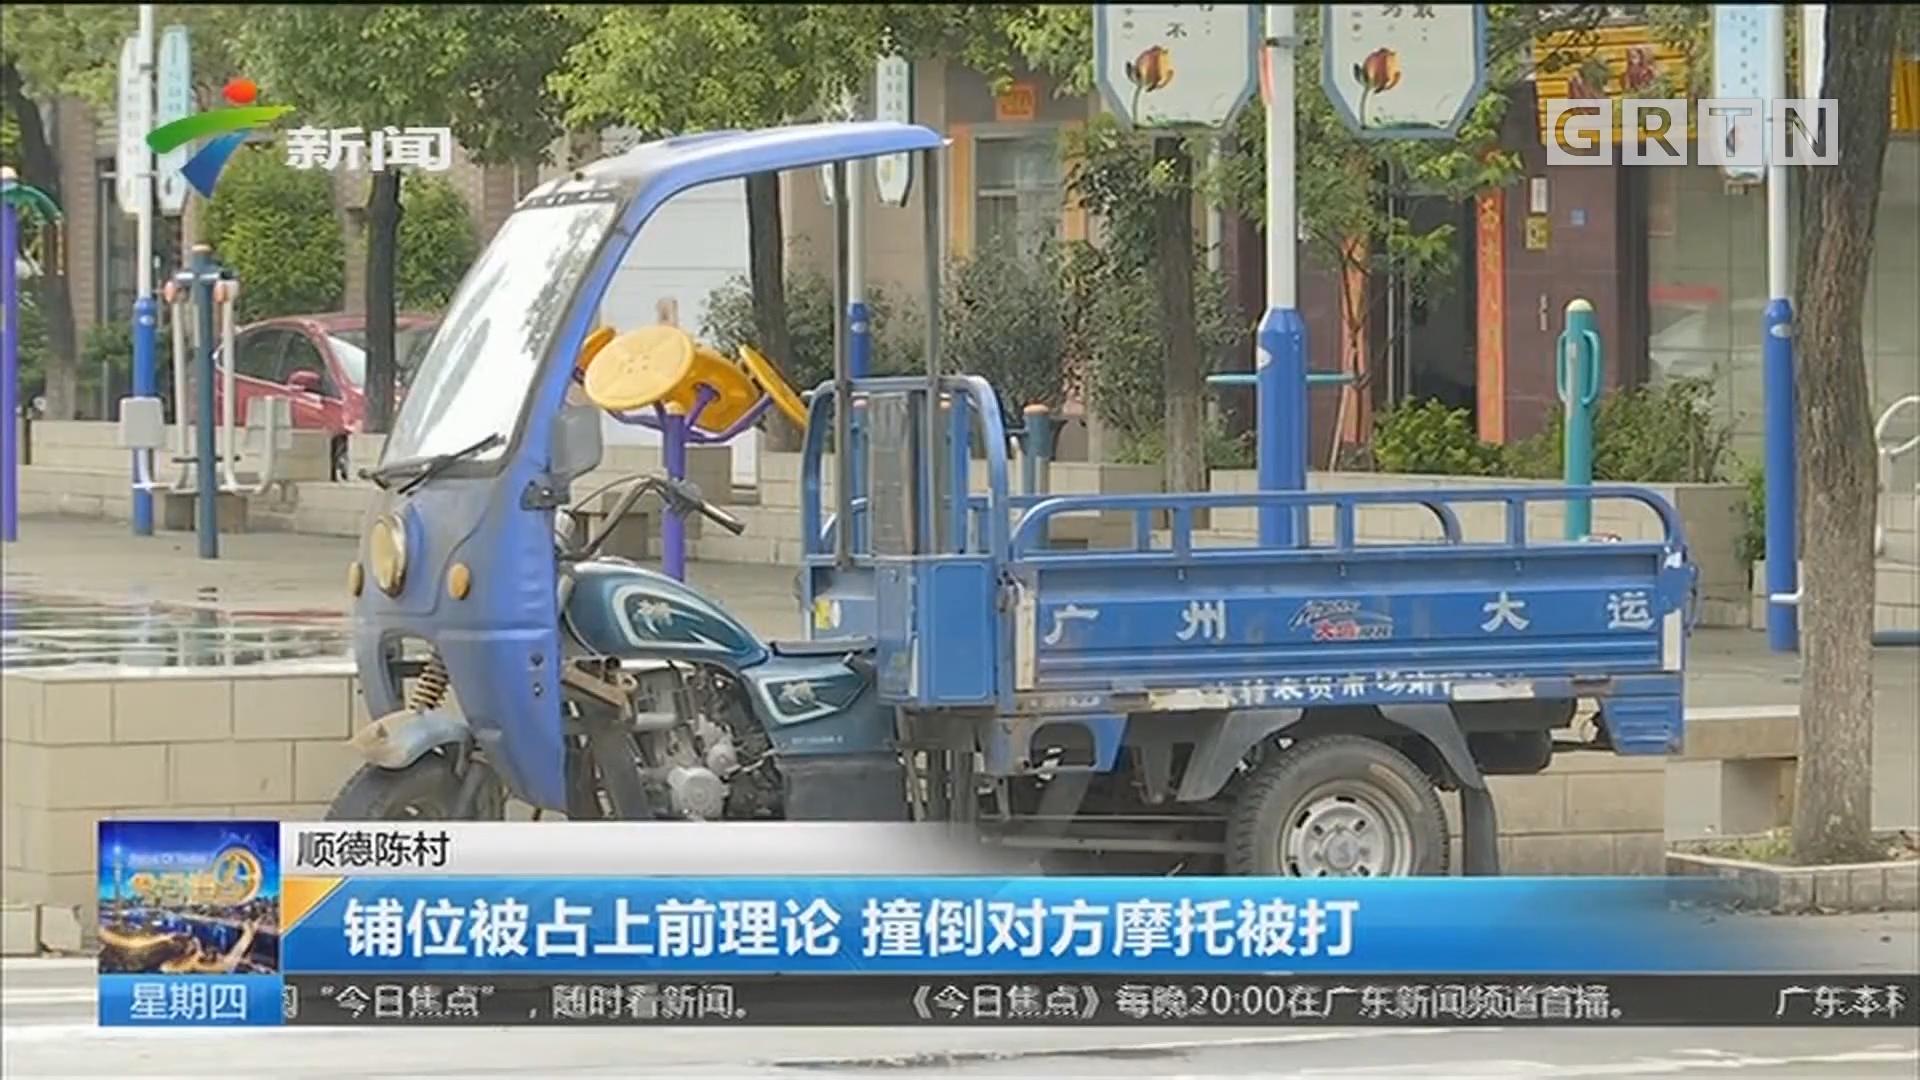 顺德陈村:铺位被占上前理论 撞倒对方摩托被打